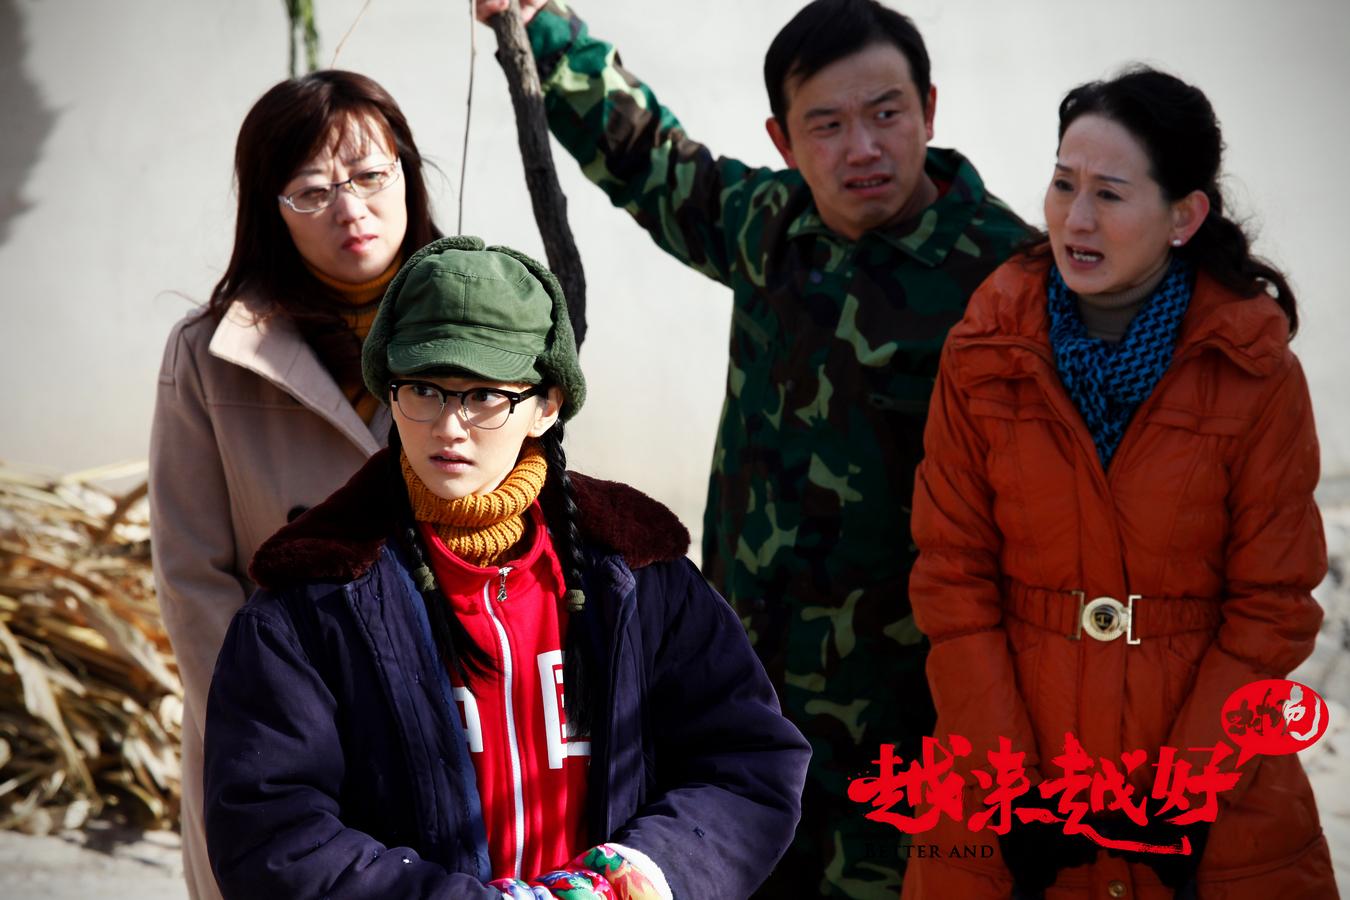 景甜/由张一白和谢东燊联合执导的群星贺岁电影《越来越好之村晚》将...